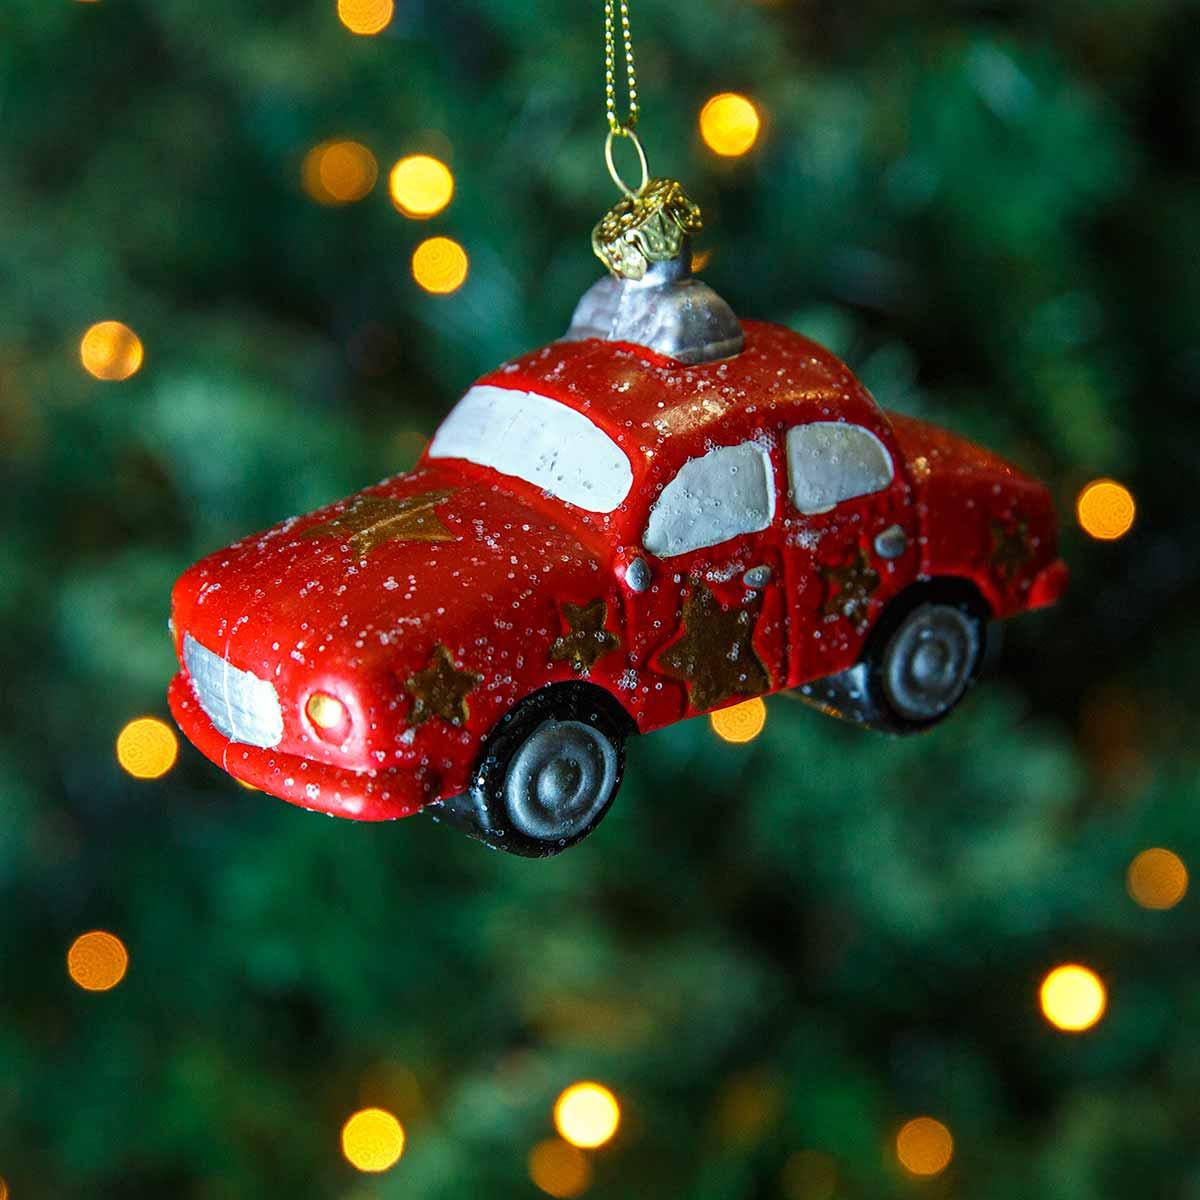 Κόκκινο αυτοκινητάκι, µήκους 11cm